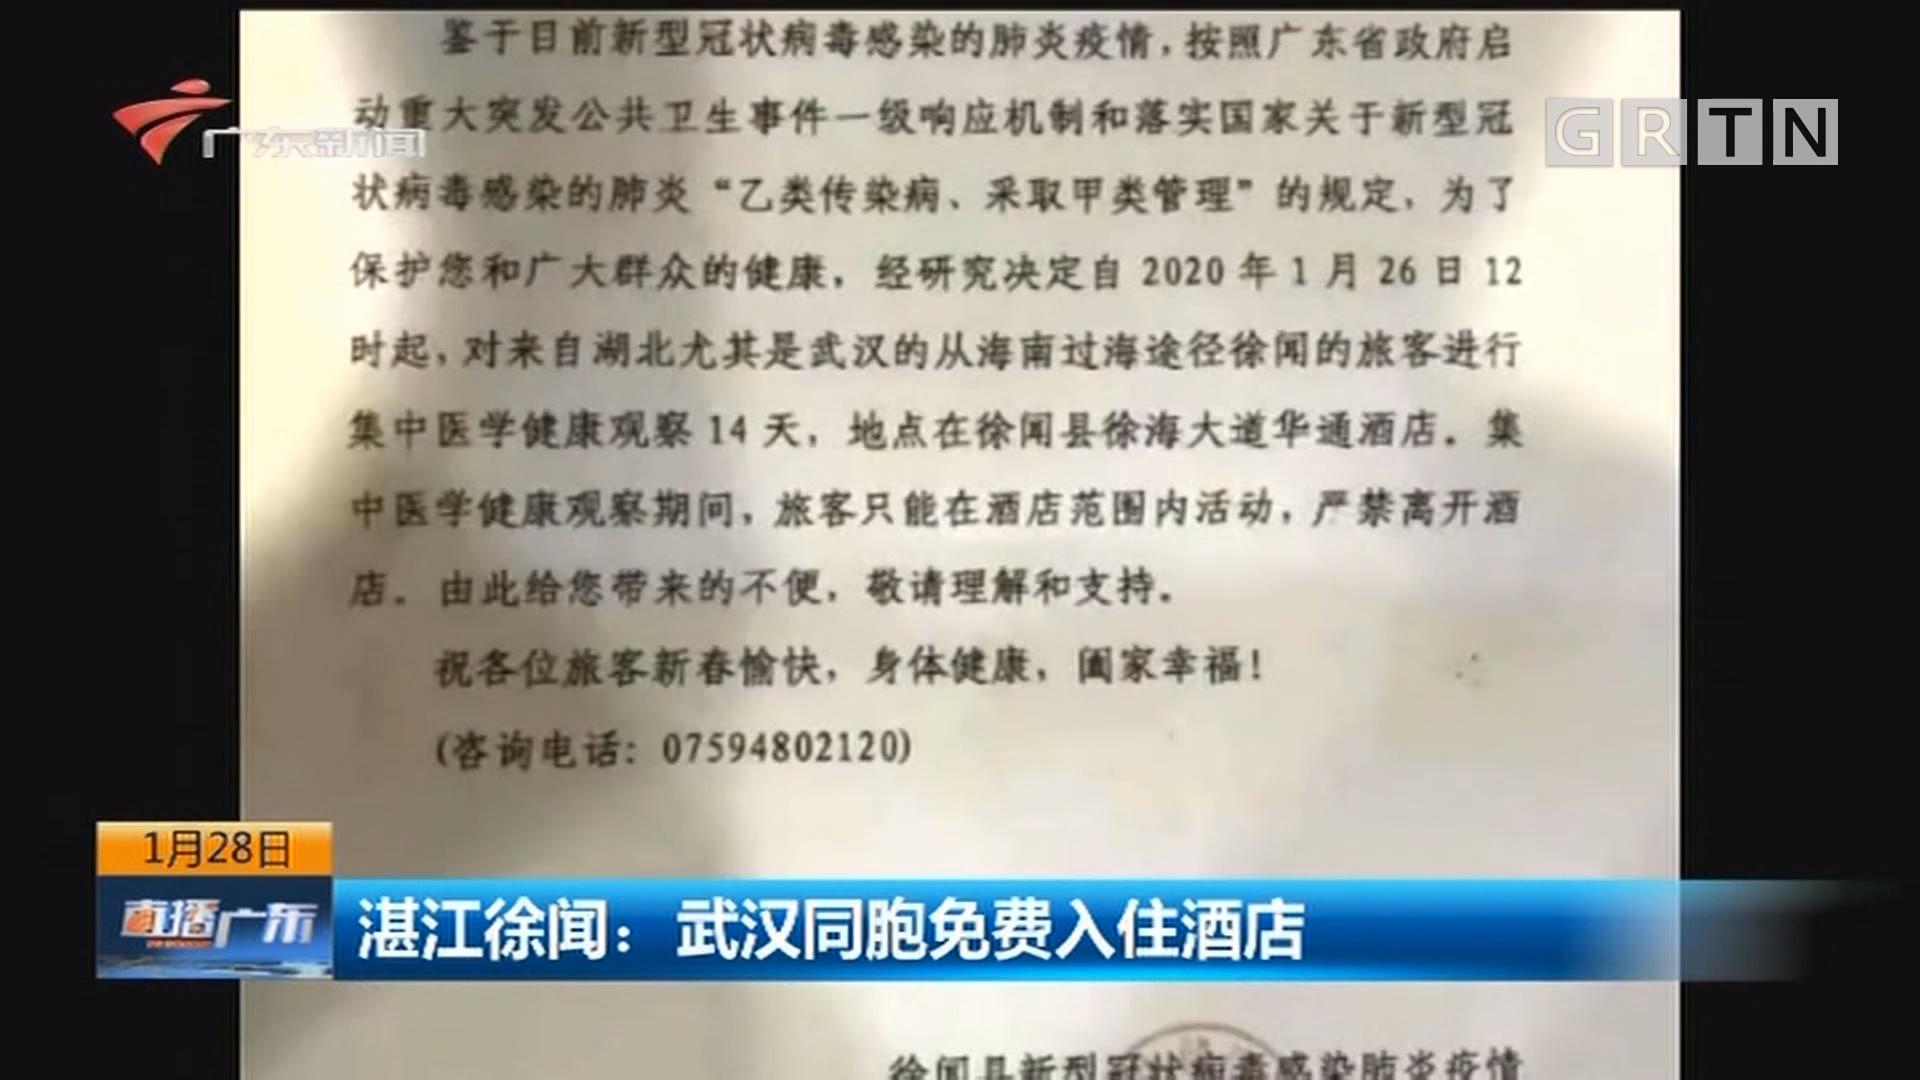 湛江徐闻:武汉同胞免费入住酒店